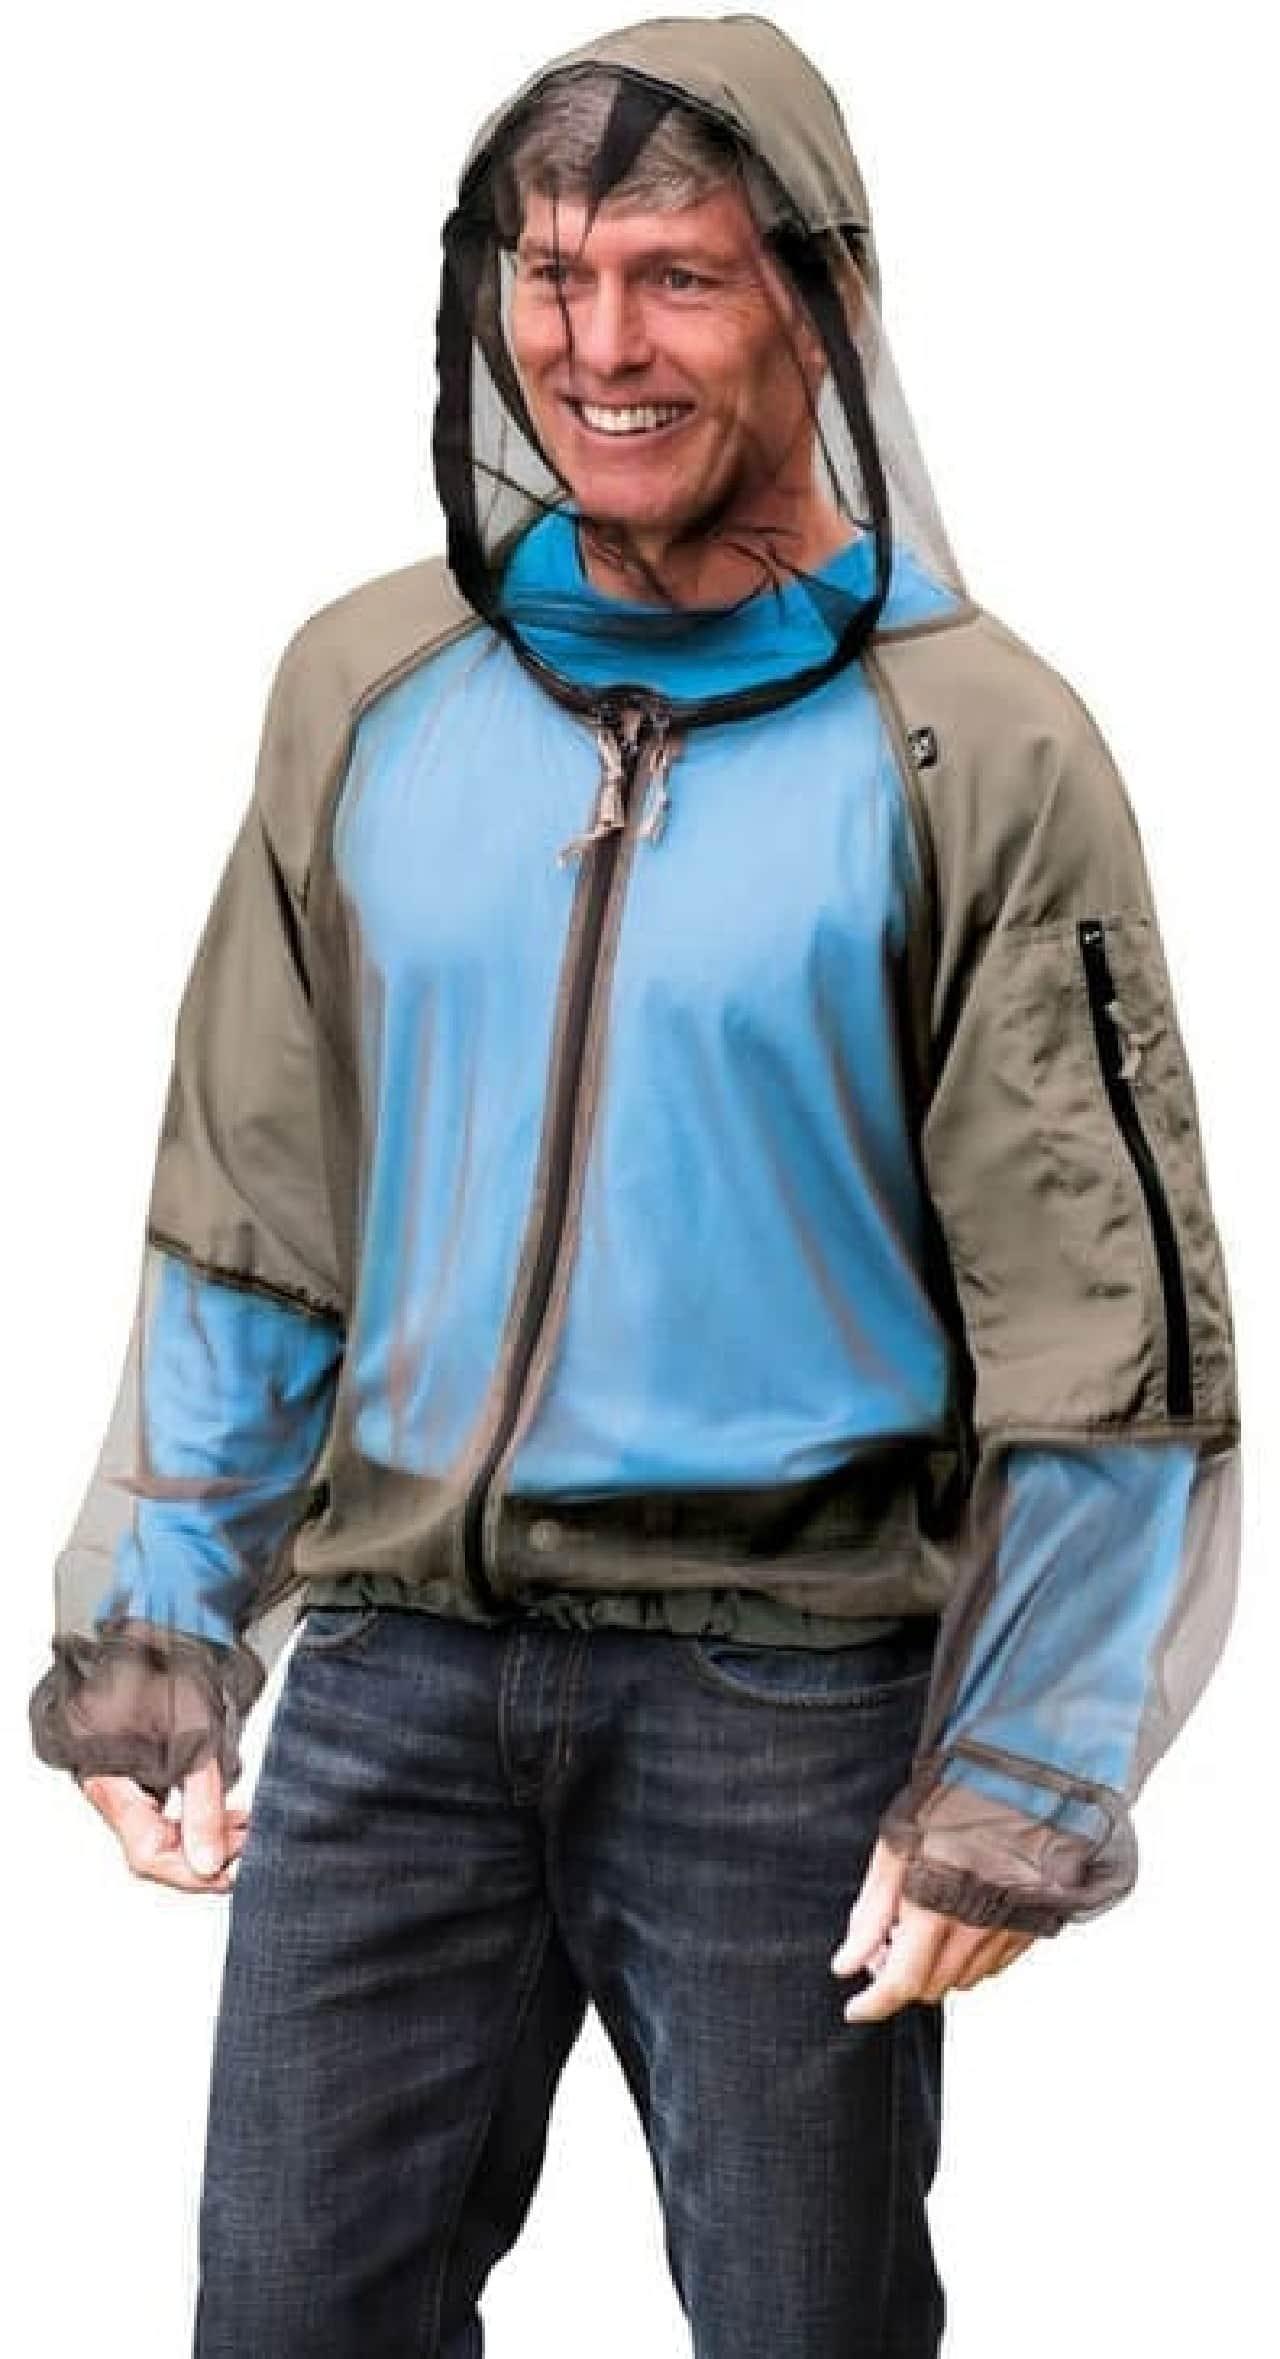 """参考画像:""""着る蚊帳""""「Hooded Zip Up Mosquito Jacket」(上半身保護部)  2ピースで恥ずかしくない…?"""